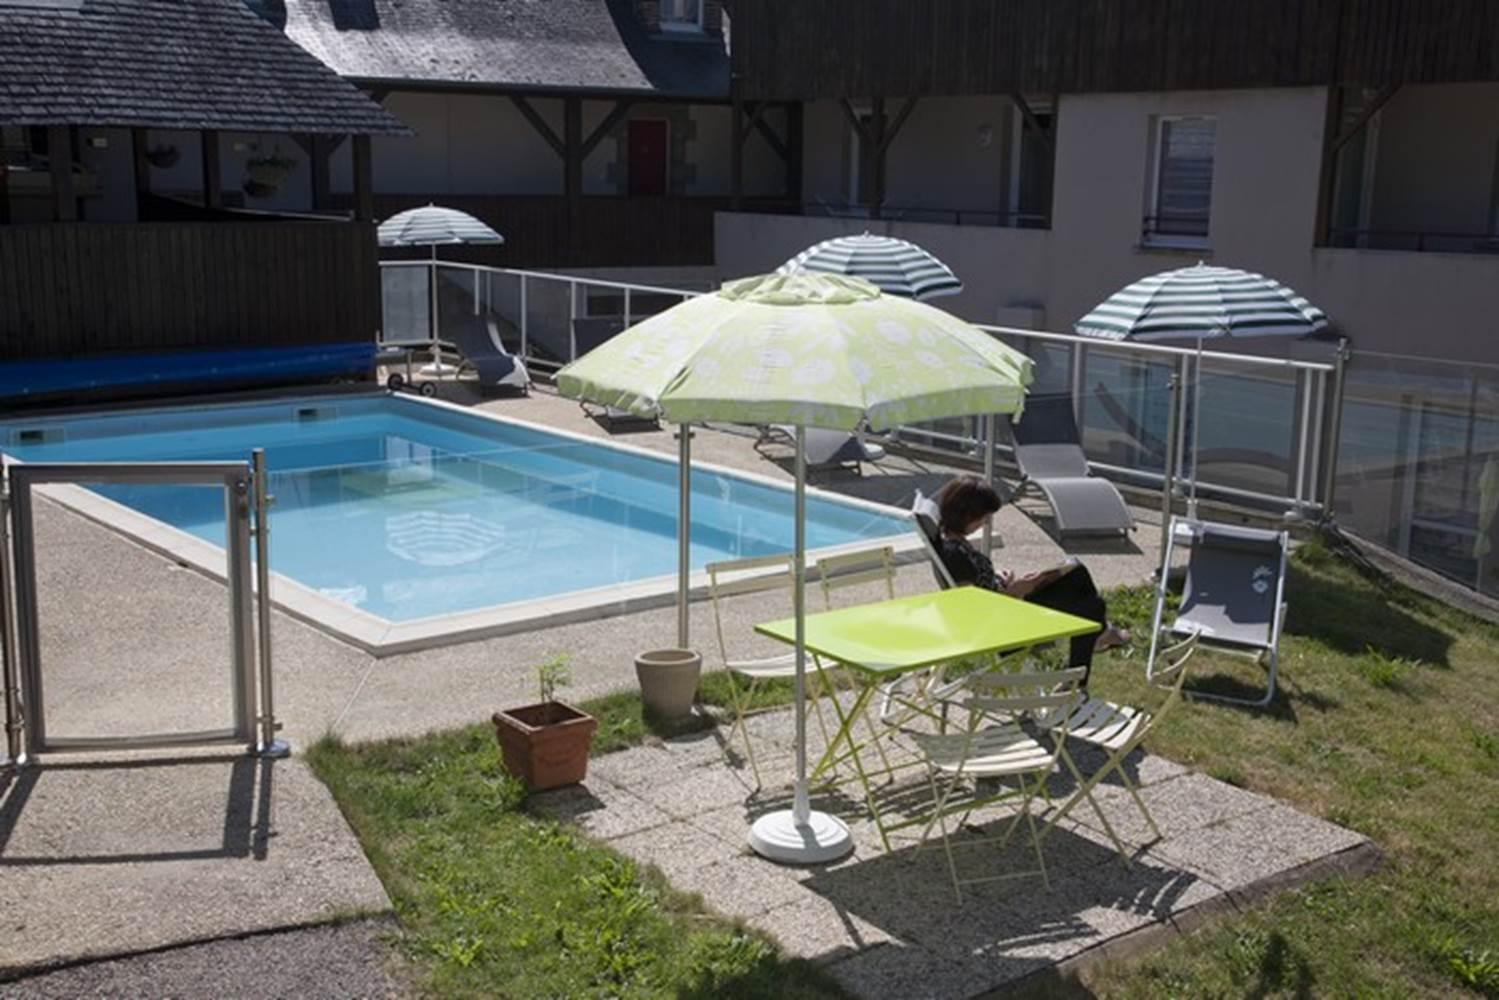 AR PEOC'H - Repos en terrasse de la piscine - Morbihan - Bretagne Sud © MATHURIN